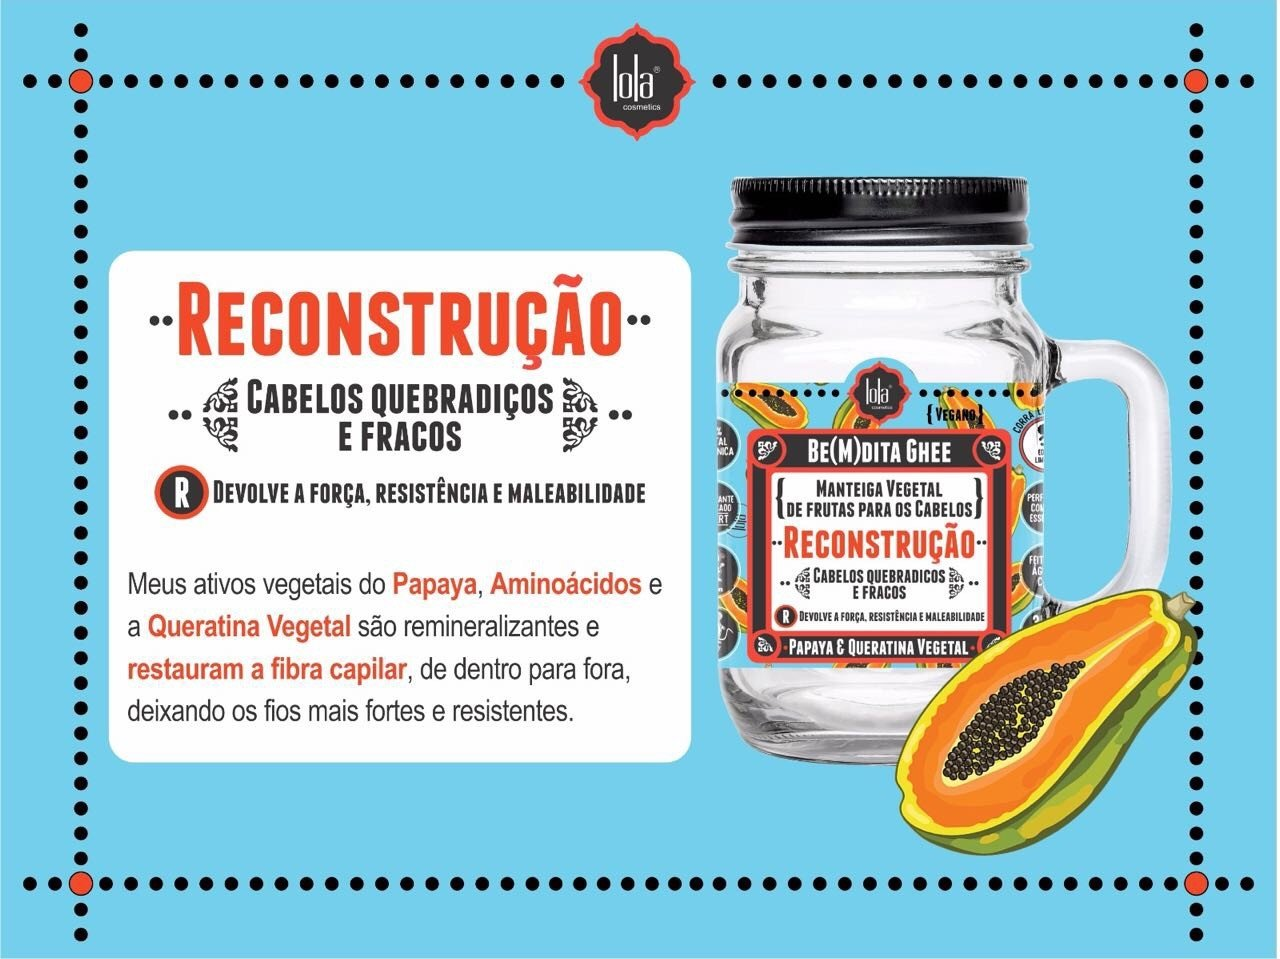 Lola Reconstrução Be(m)dita Ghee Papaya e Queratina Vegetal Máscara de Reconstrução 350g